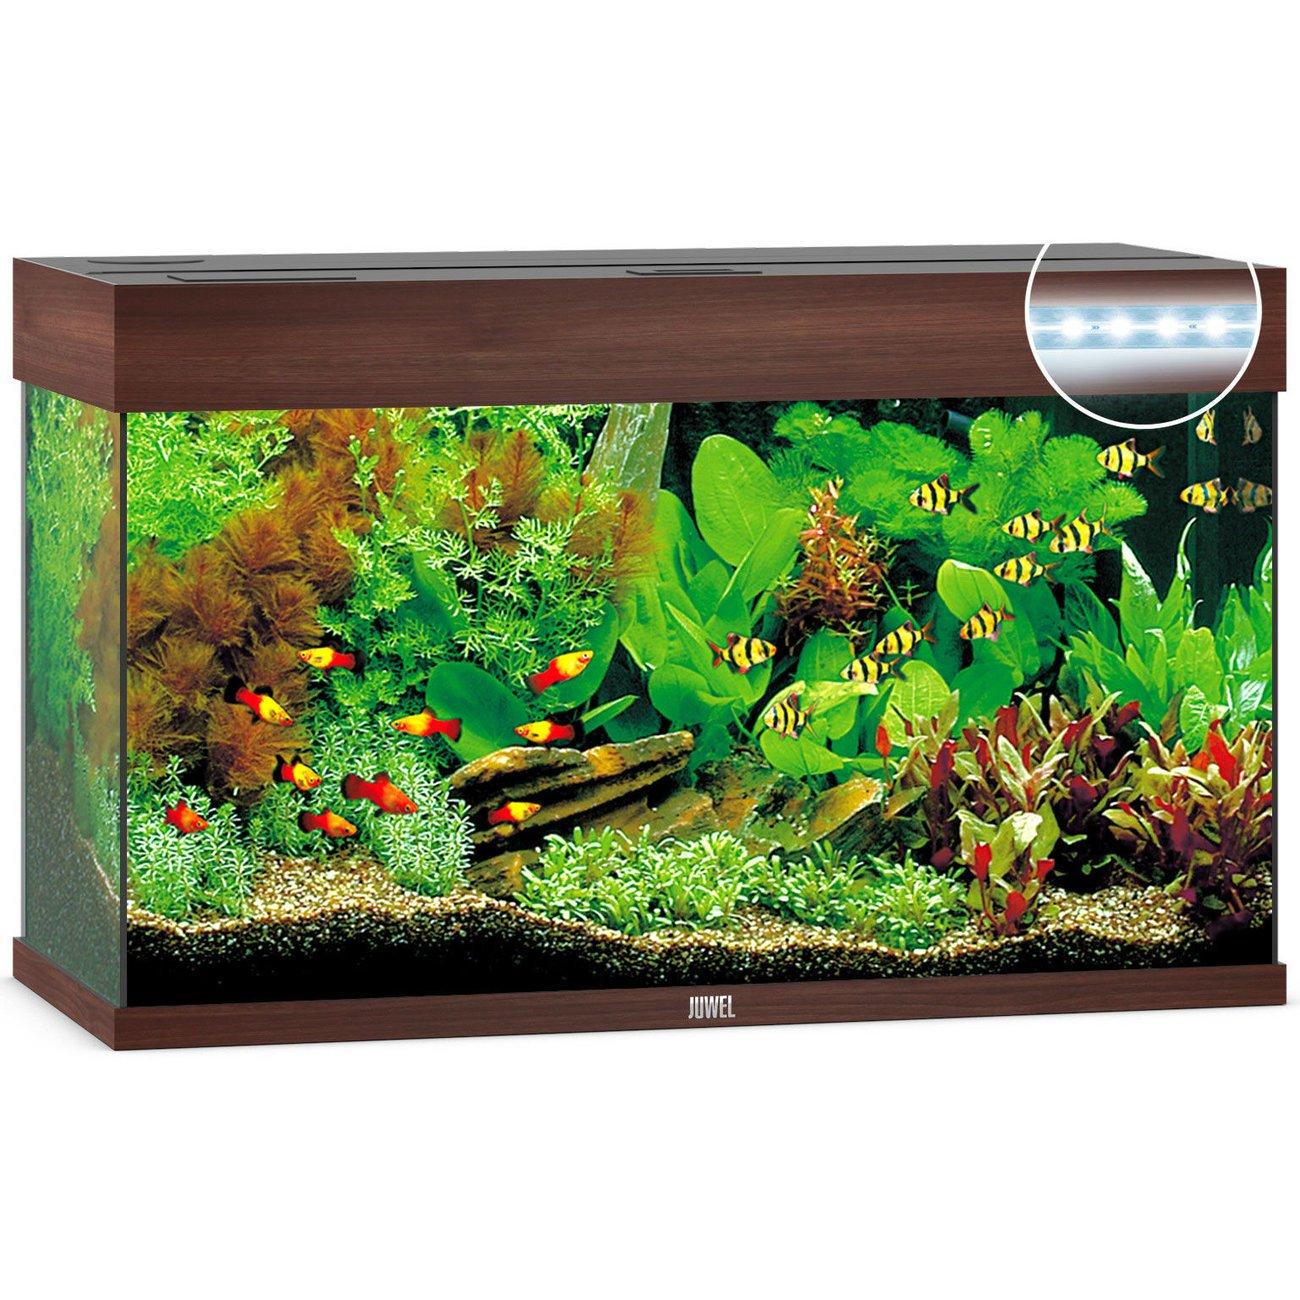 Juwel Rio 125 LED Aquarium, Bild 2